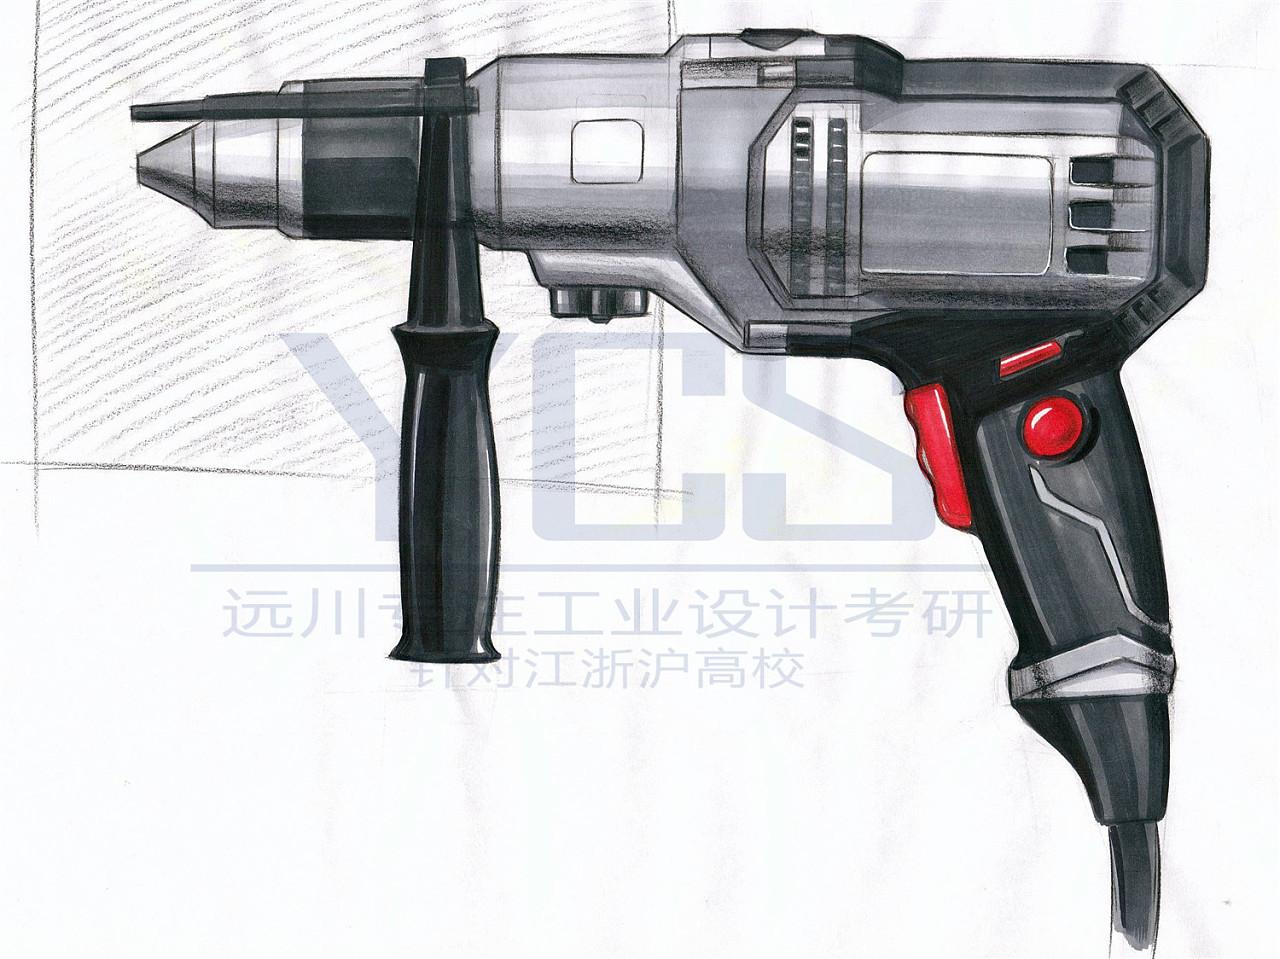 ycs远川工业设计手绘学员课程练习